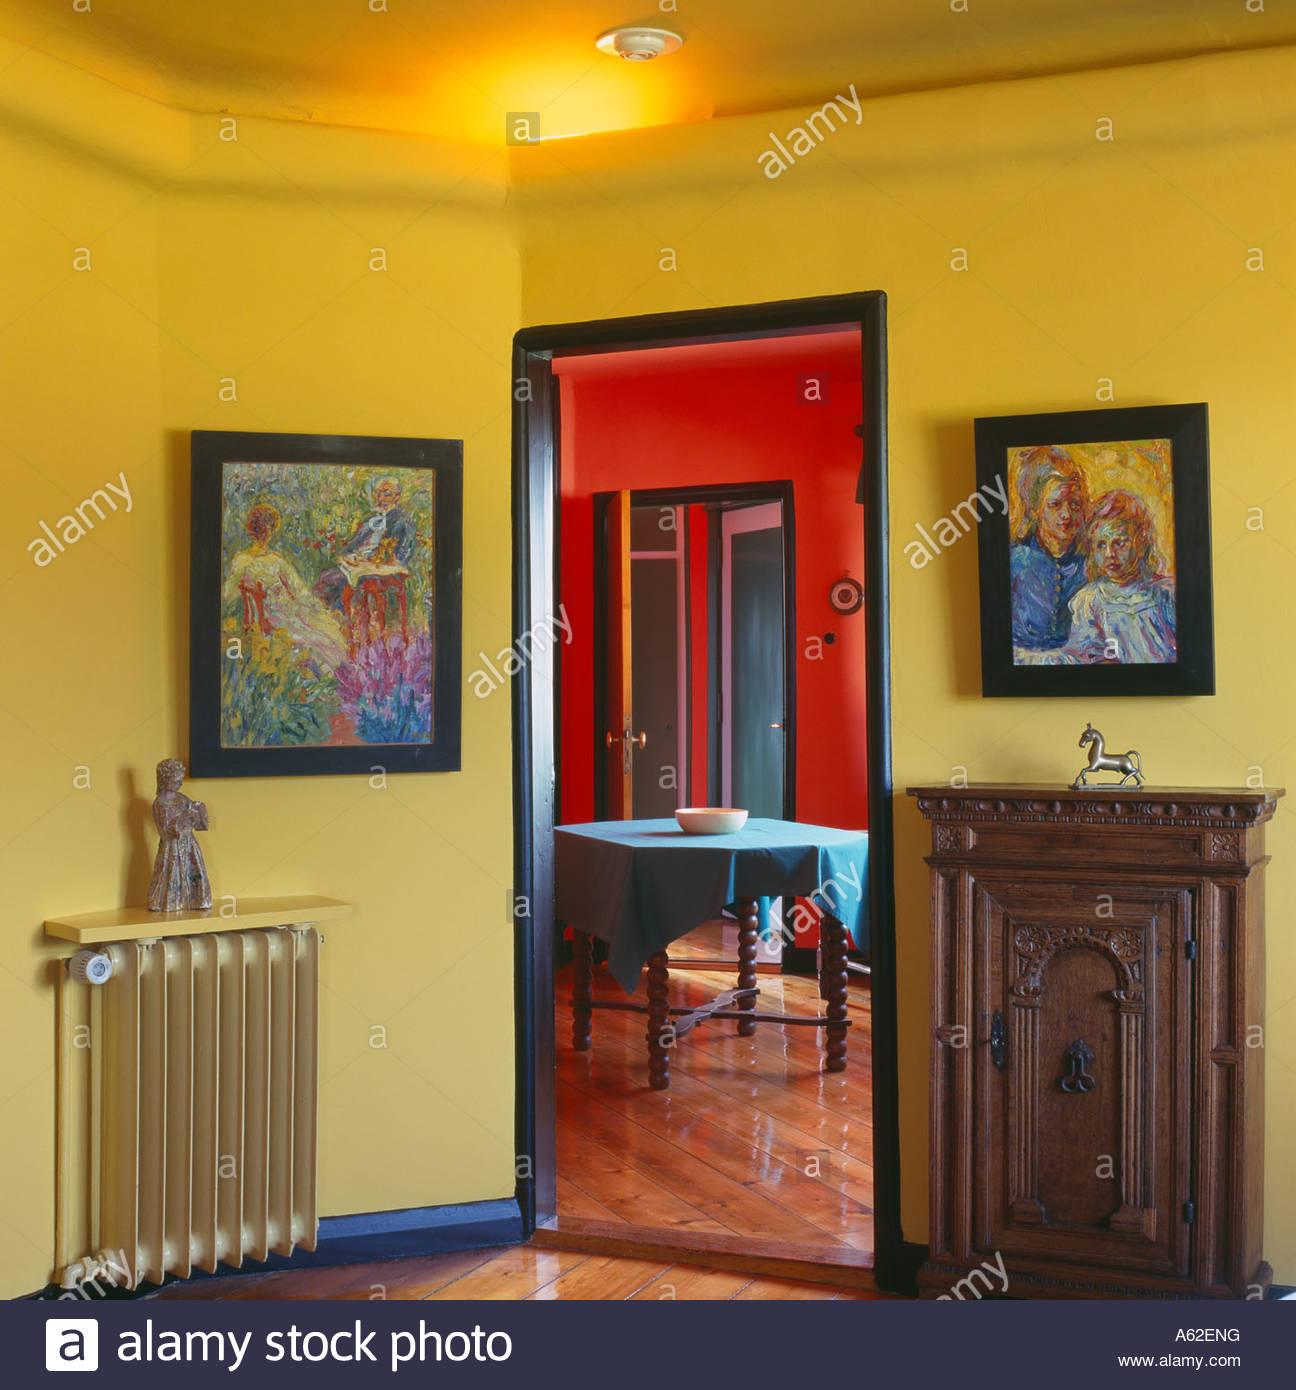 seebüll, nolde museum, das gelbe wohnzimmer mit blick in das rote, Wohnzimmer